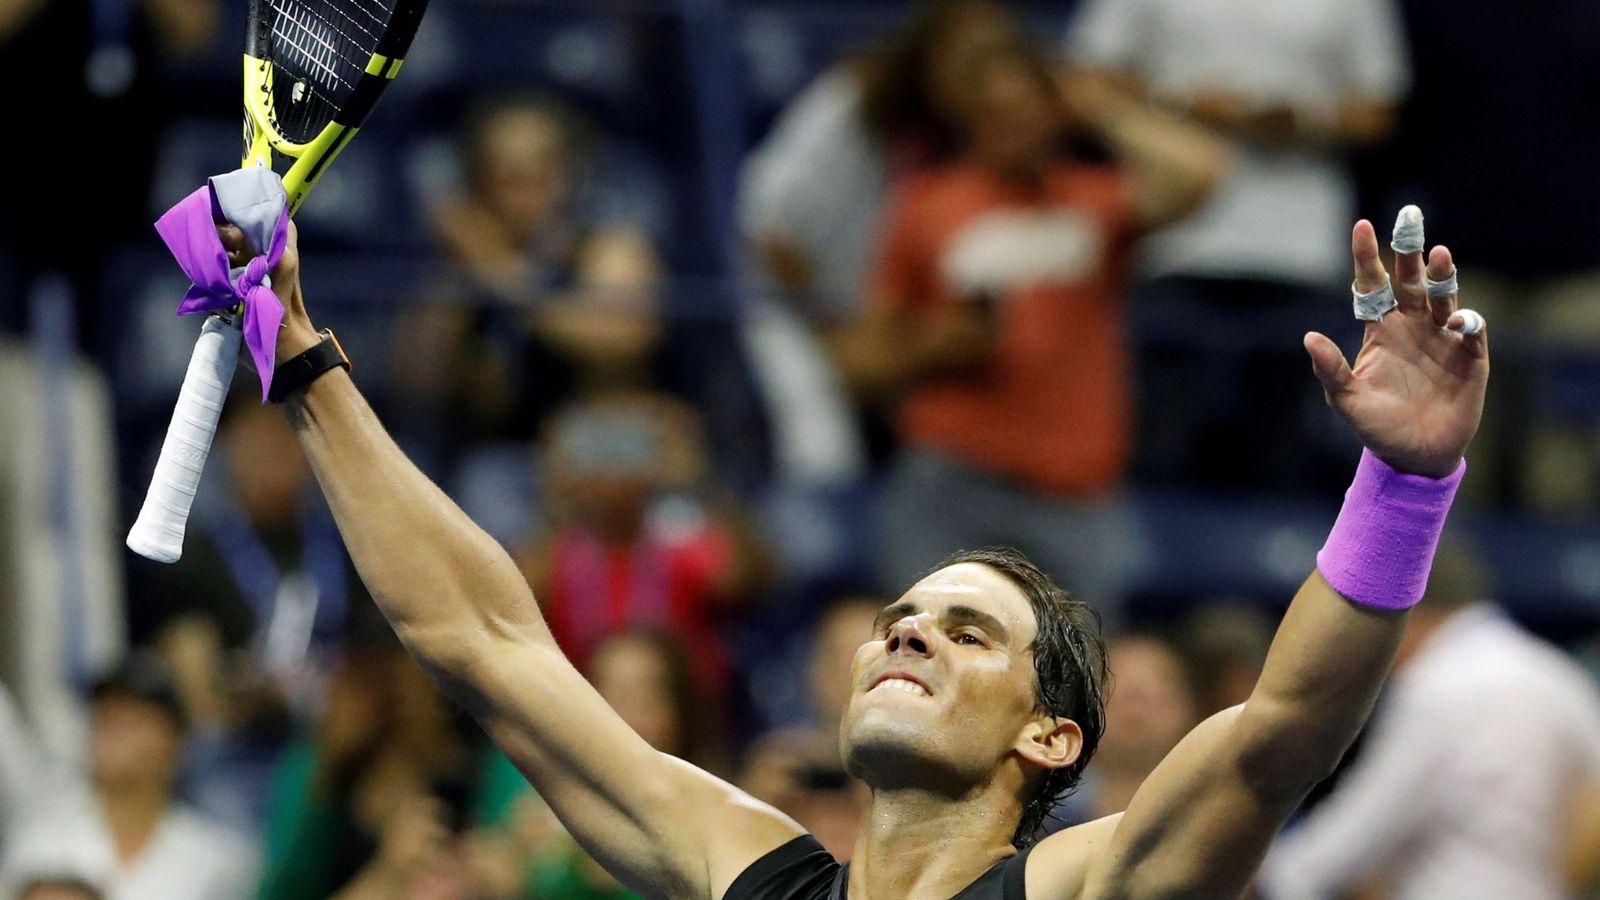 Foto: Rafael Nadal tras derrotar a Diego Schwartzman. (EFE)